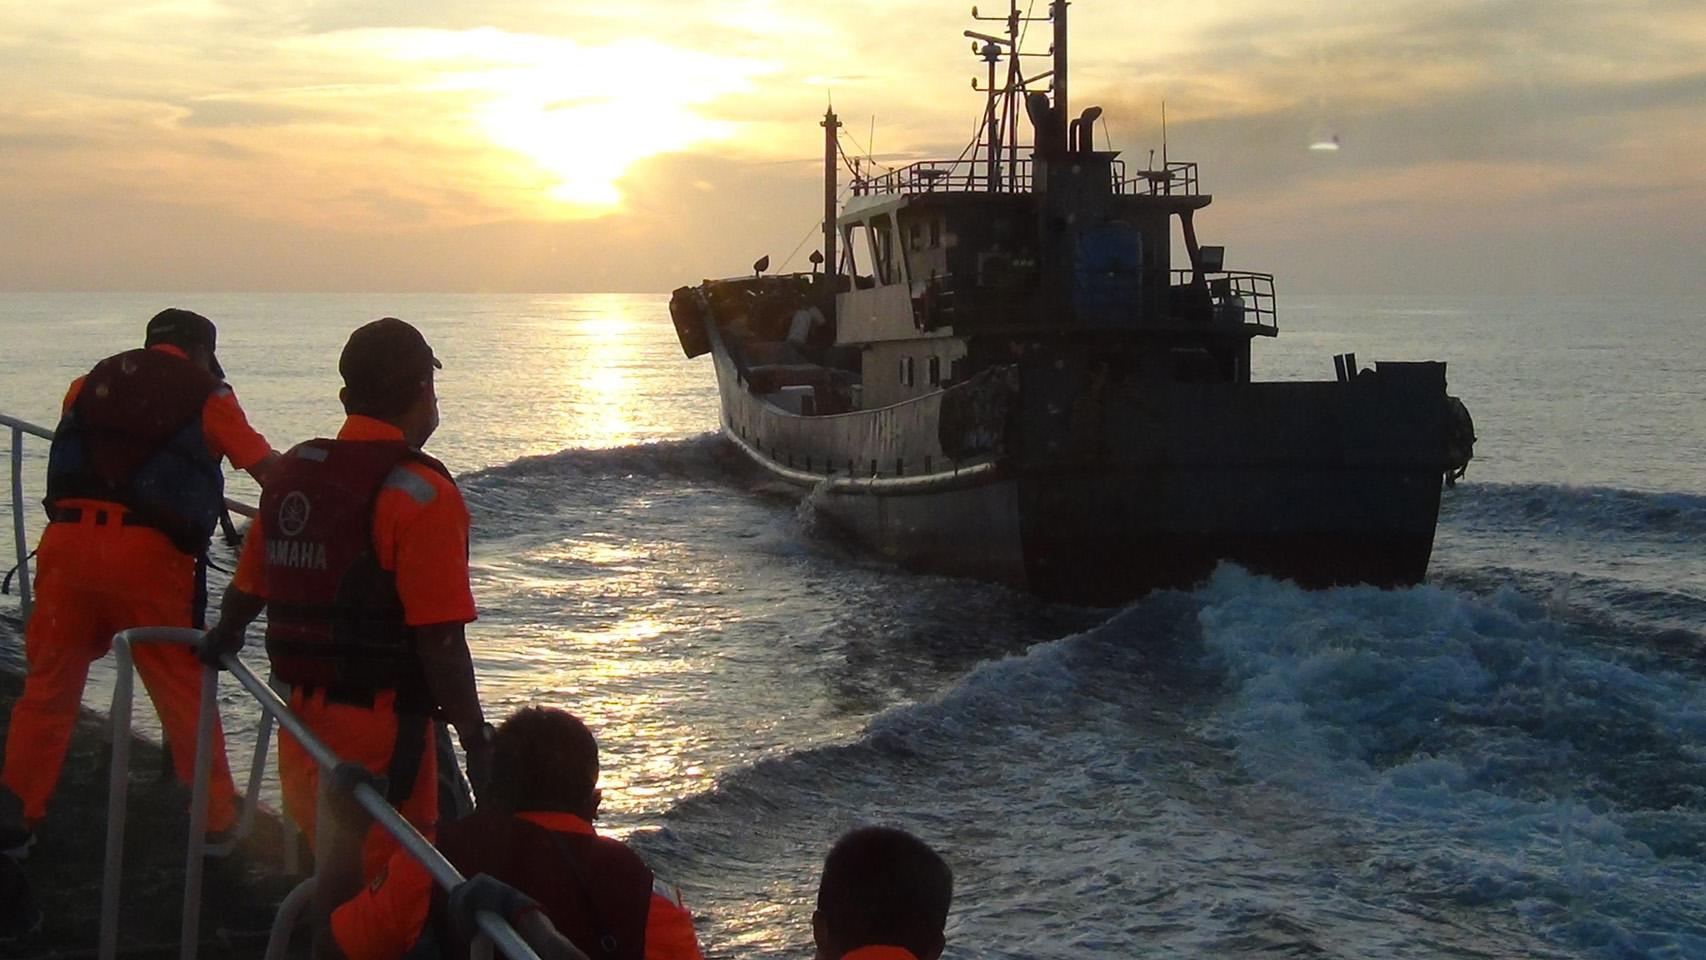 5月初,台湾巡防艇接连在澎湖海域查获4艘非法越区捕鱼的大陆渔船(台湾海巡署提供)